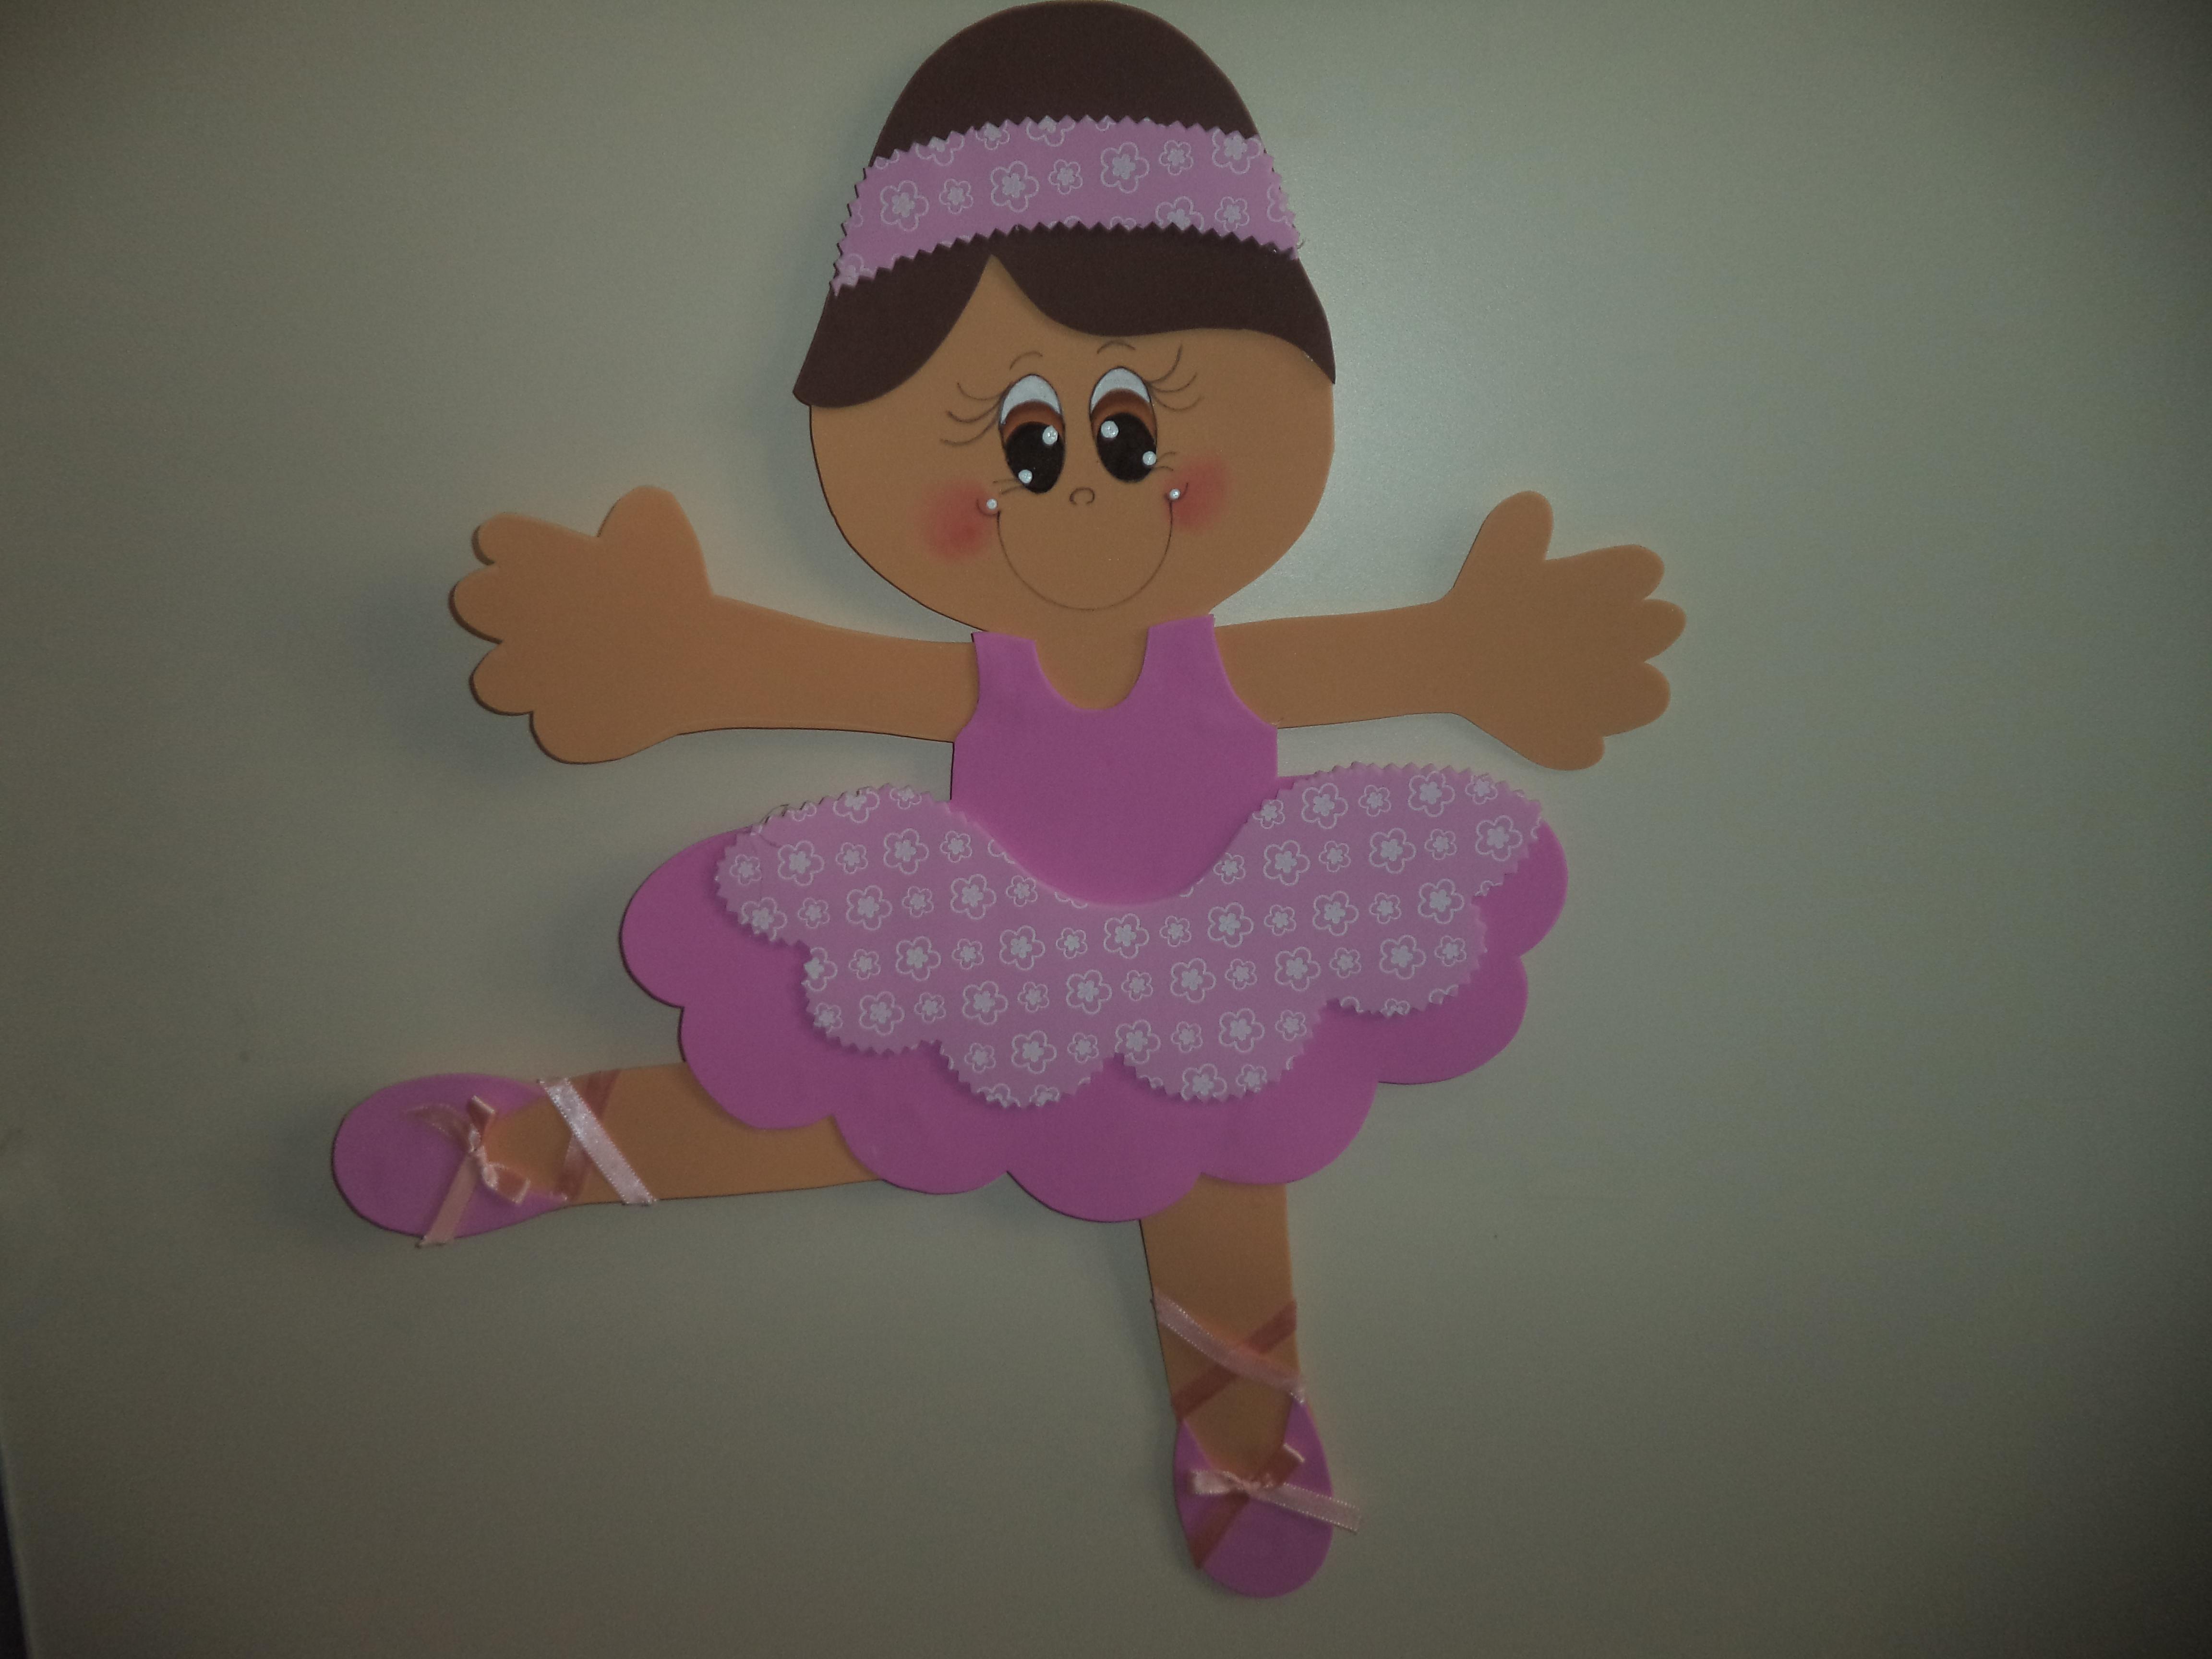 Muñecas de goma eva en 2 dimensiones o planas, manualidad fácil